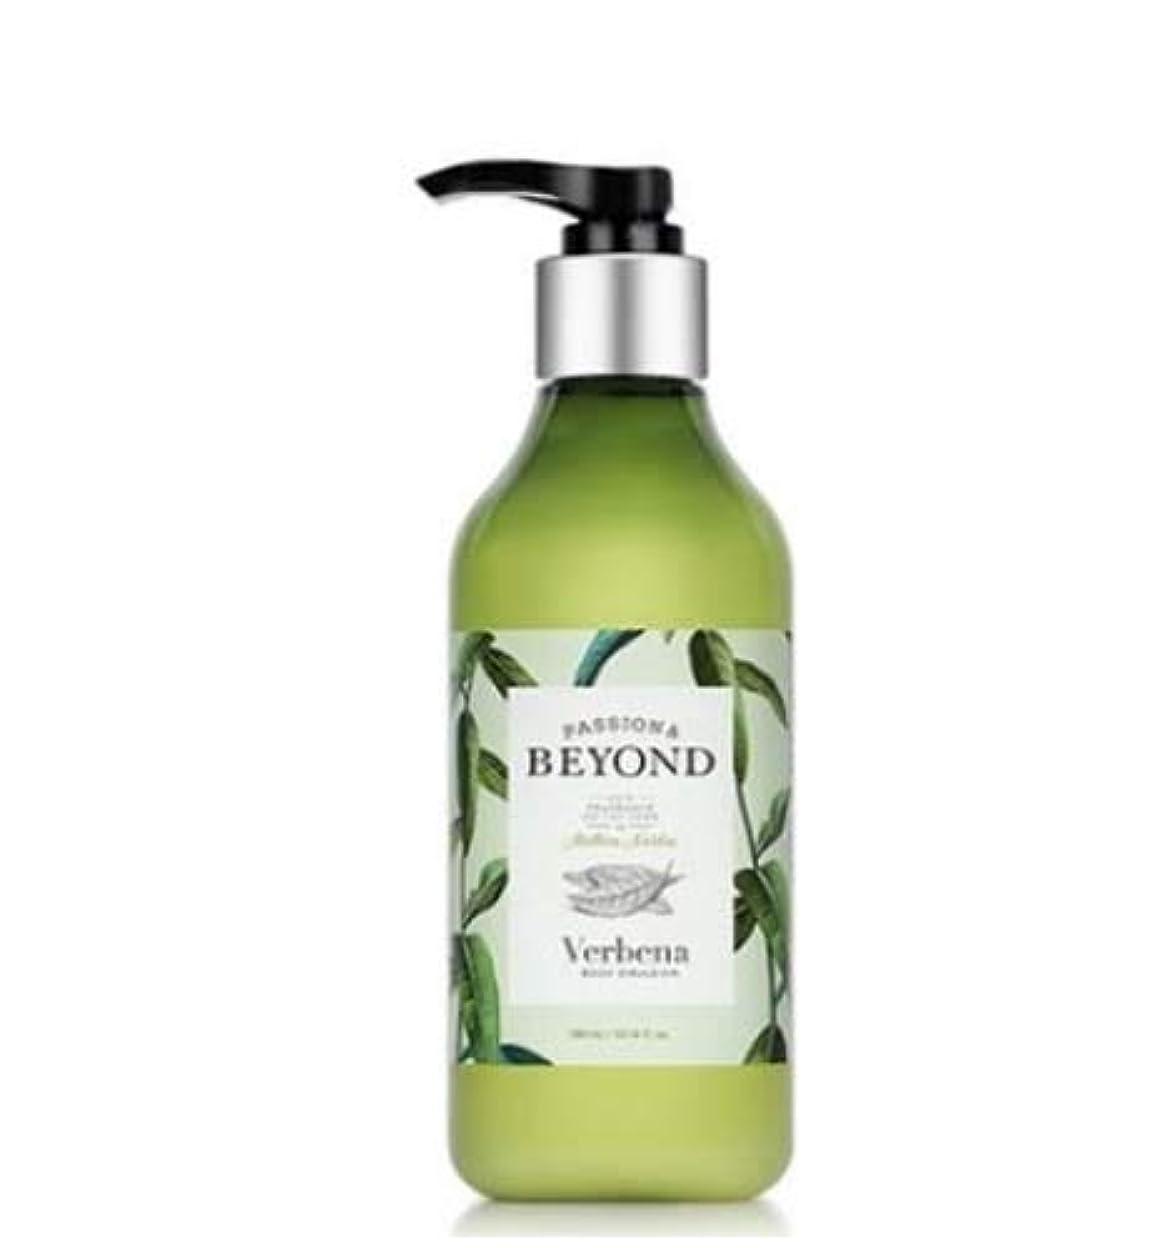 [ビヨンド] BEYOND [バーベナ ボディ エマルジョン 300ml] Verbena Body Emulsion 300ml [海外直送品]